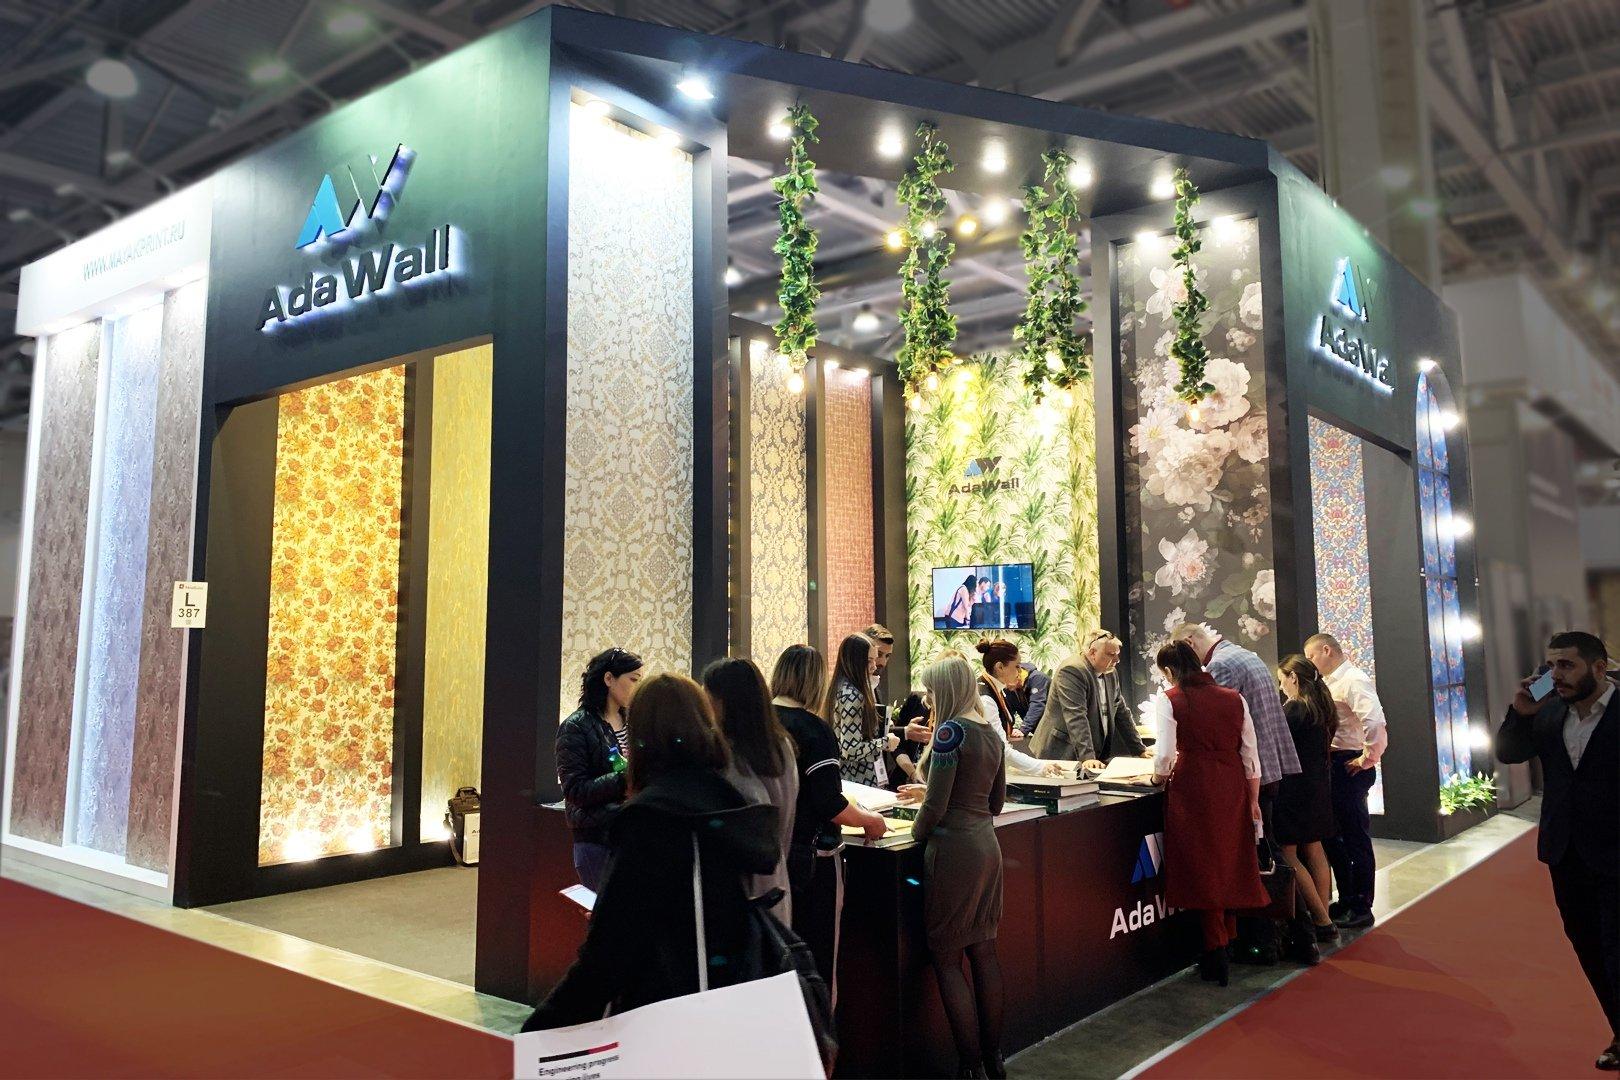 стенд компании AdaWall на выставке в России